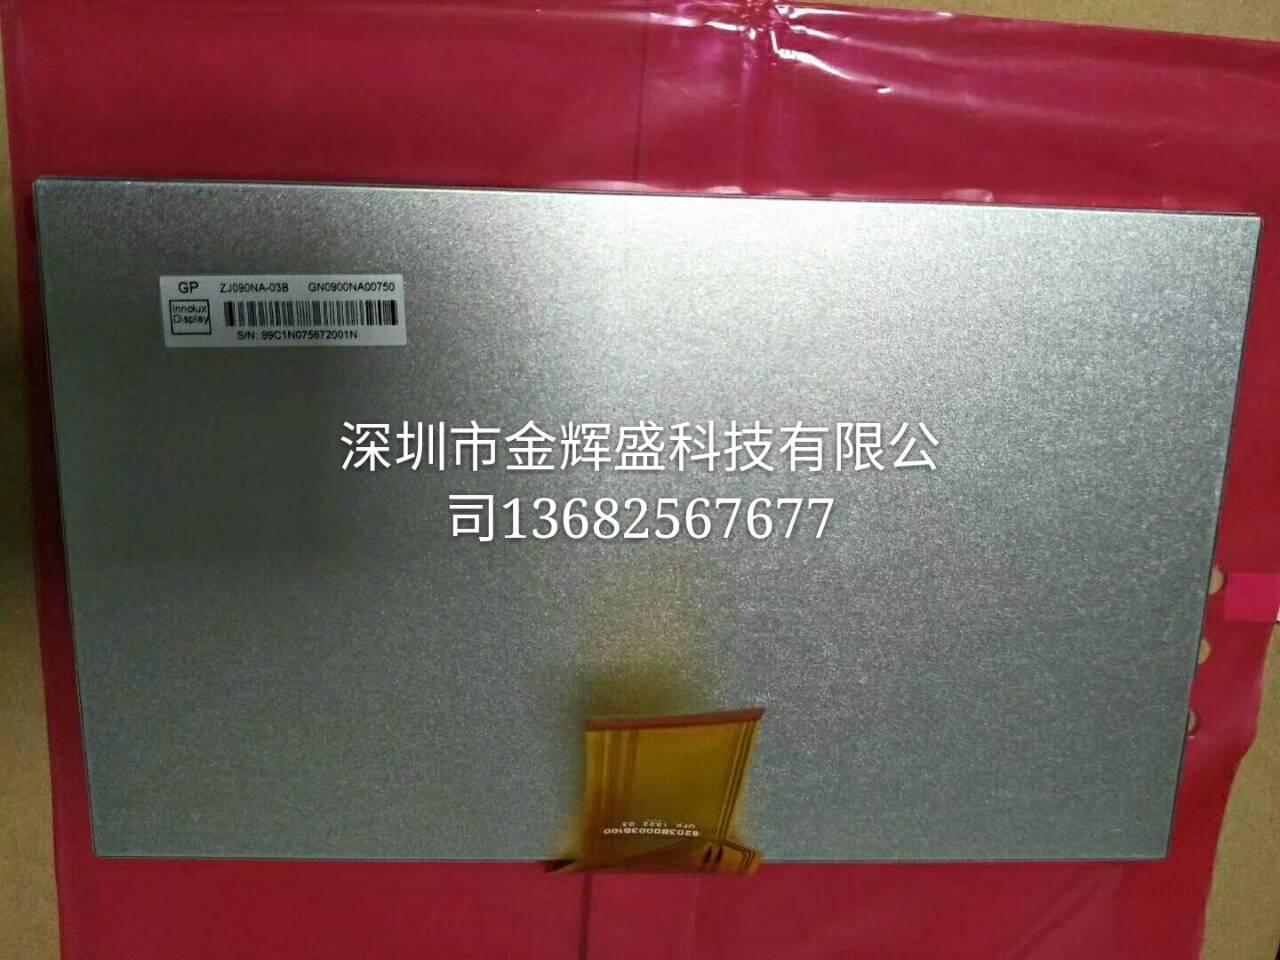 深圳价格合理的群创系列液晶屏_群创优势屏供应商